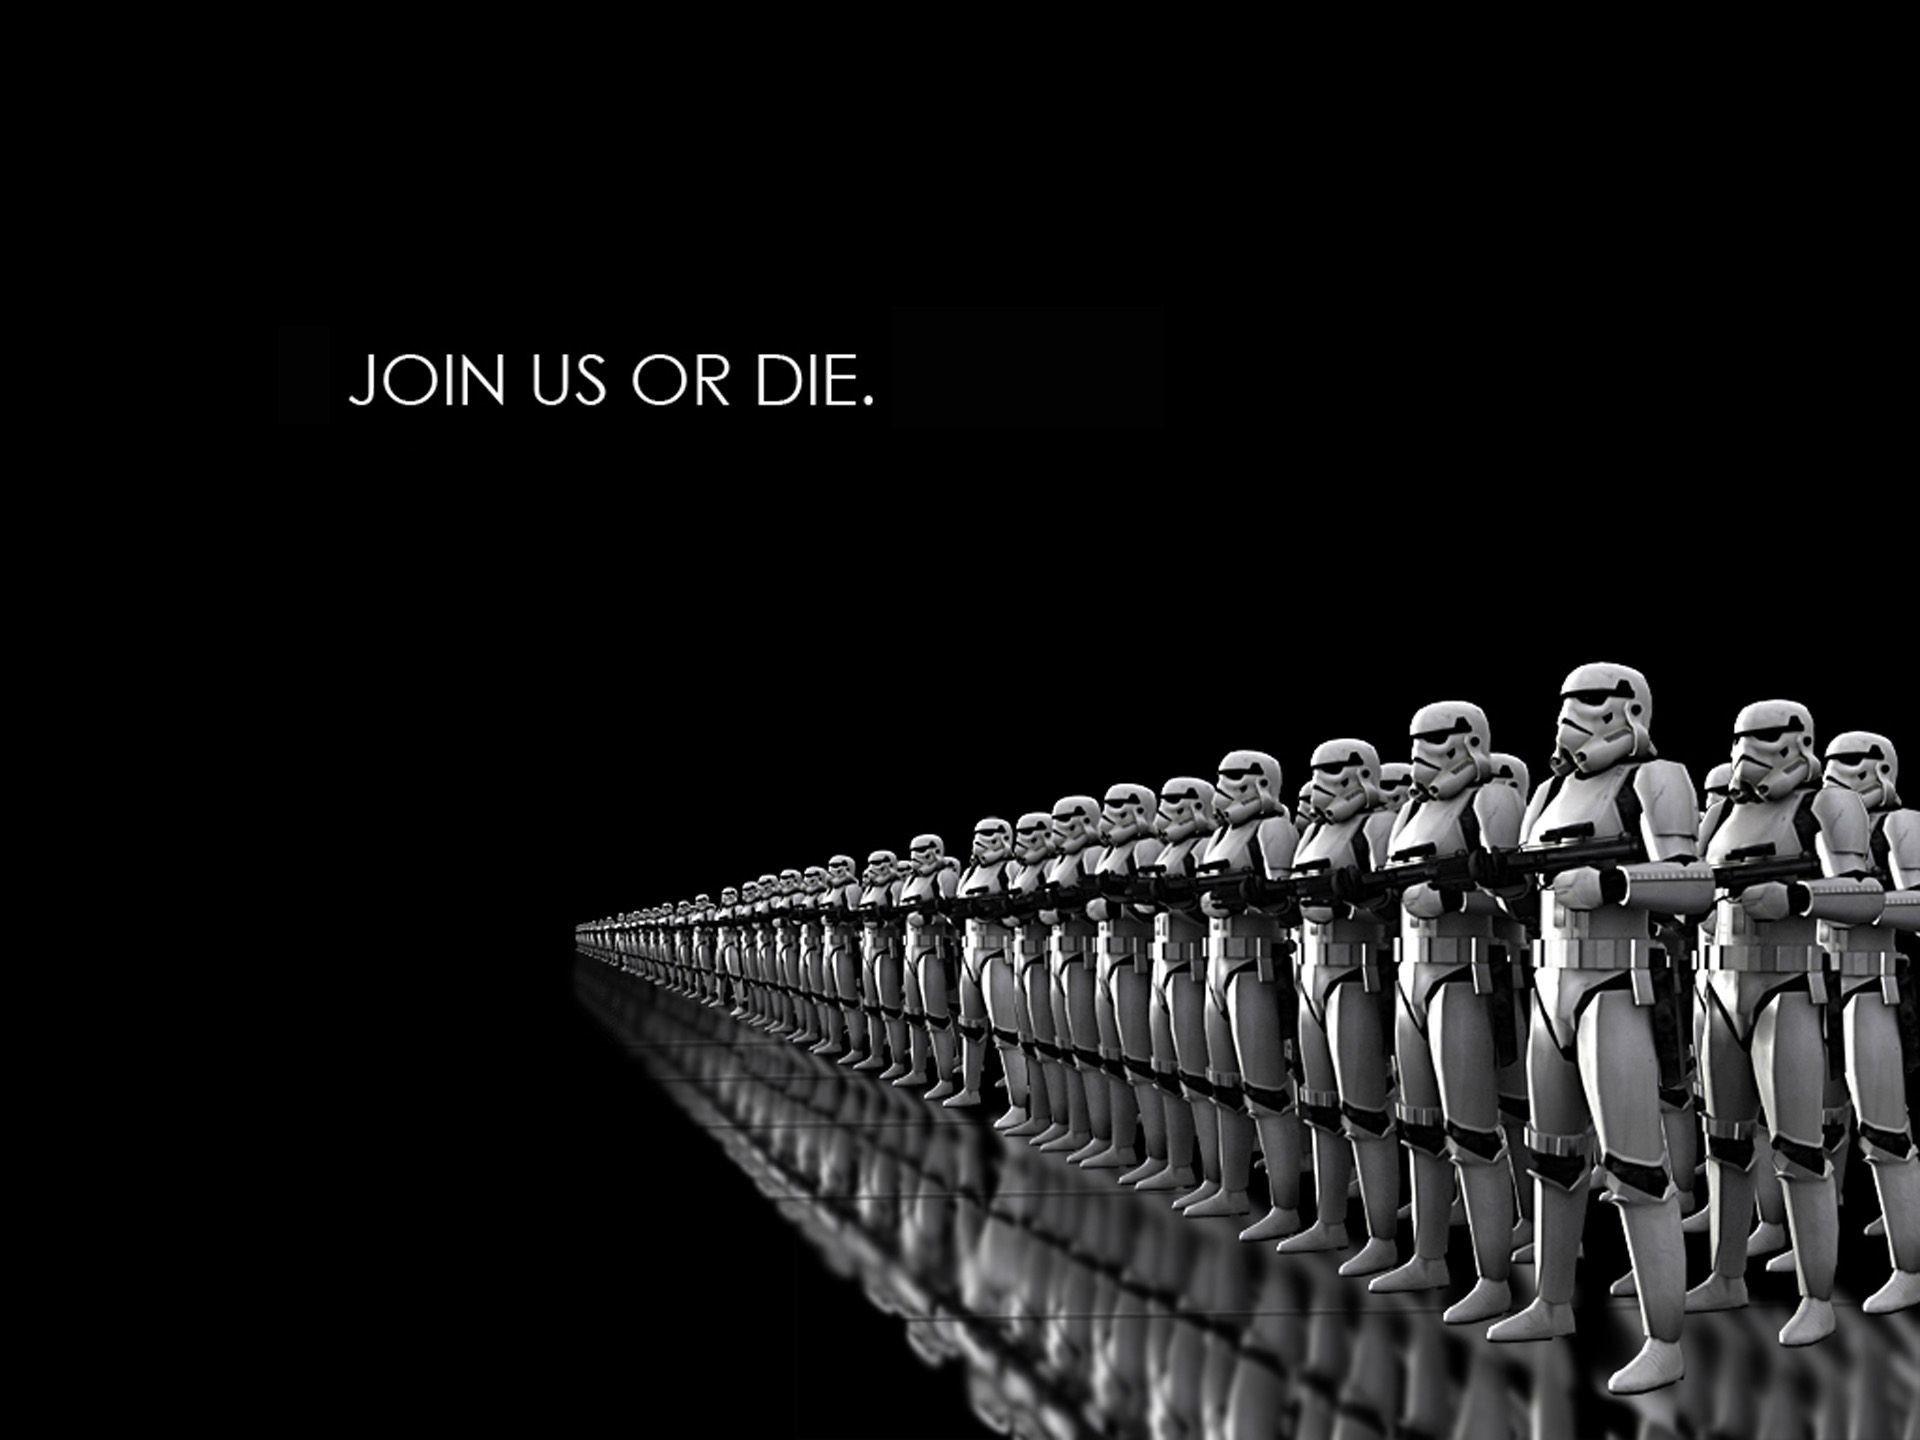 Star wars die dark side clone trooper wallpaper